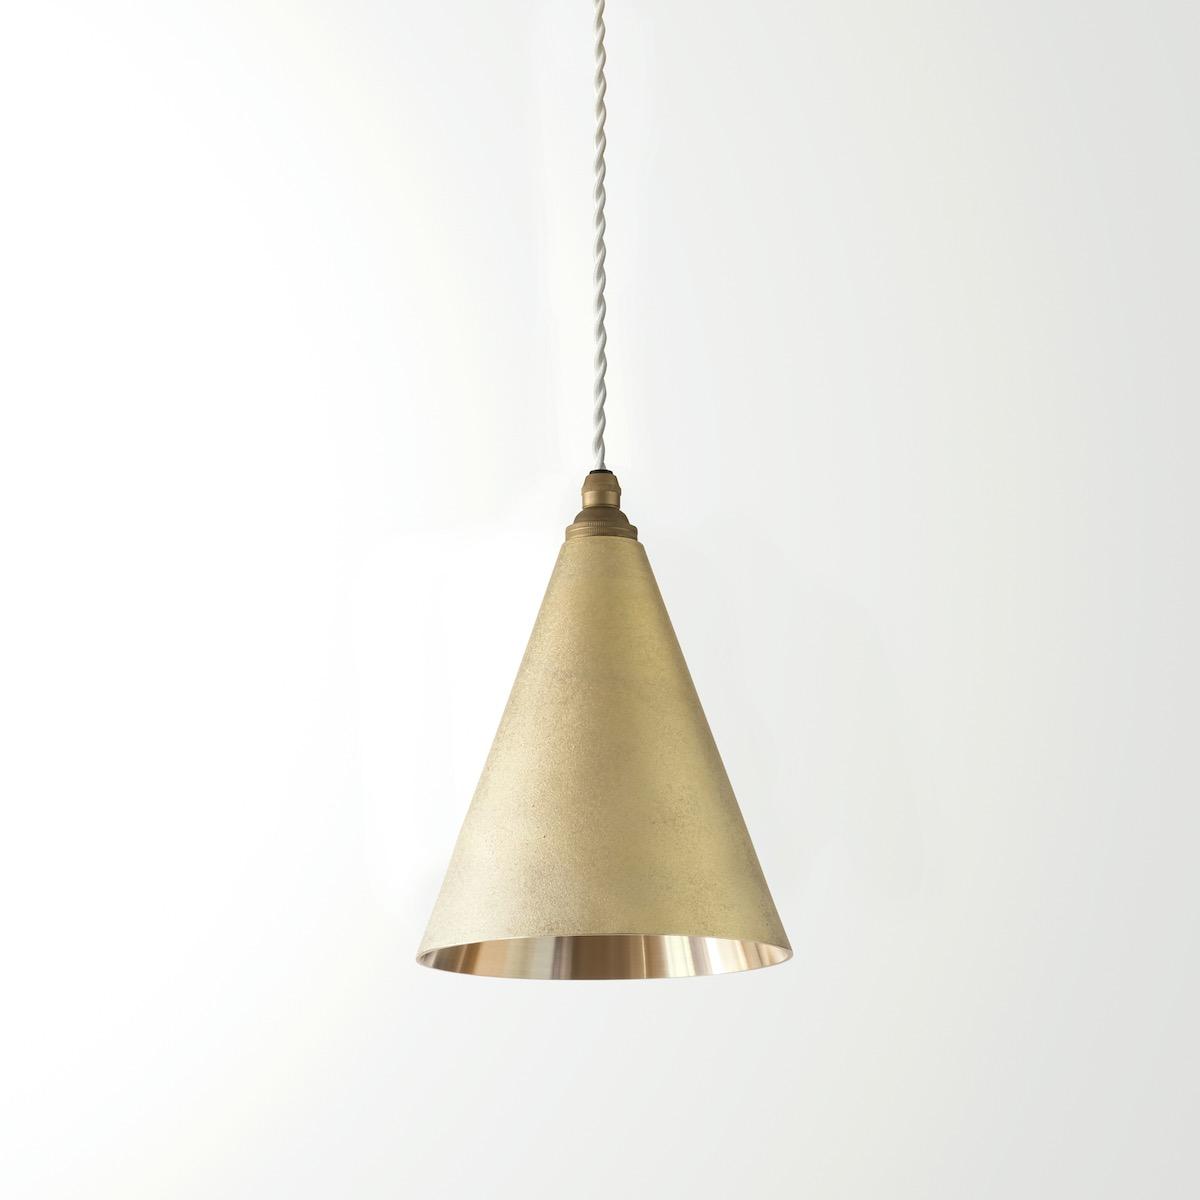 ペンダントランプ『 円錐 長 削り』 Pendant Lamp Cone Long Polished